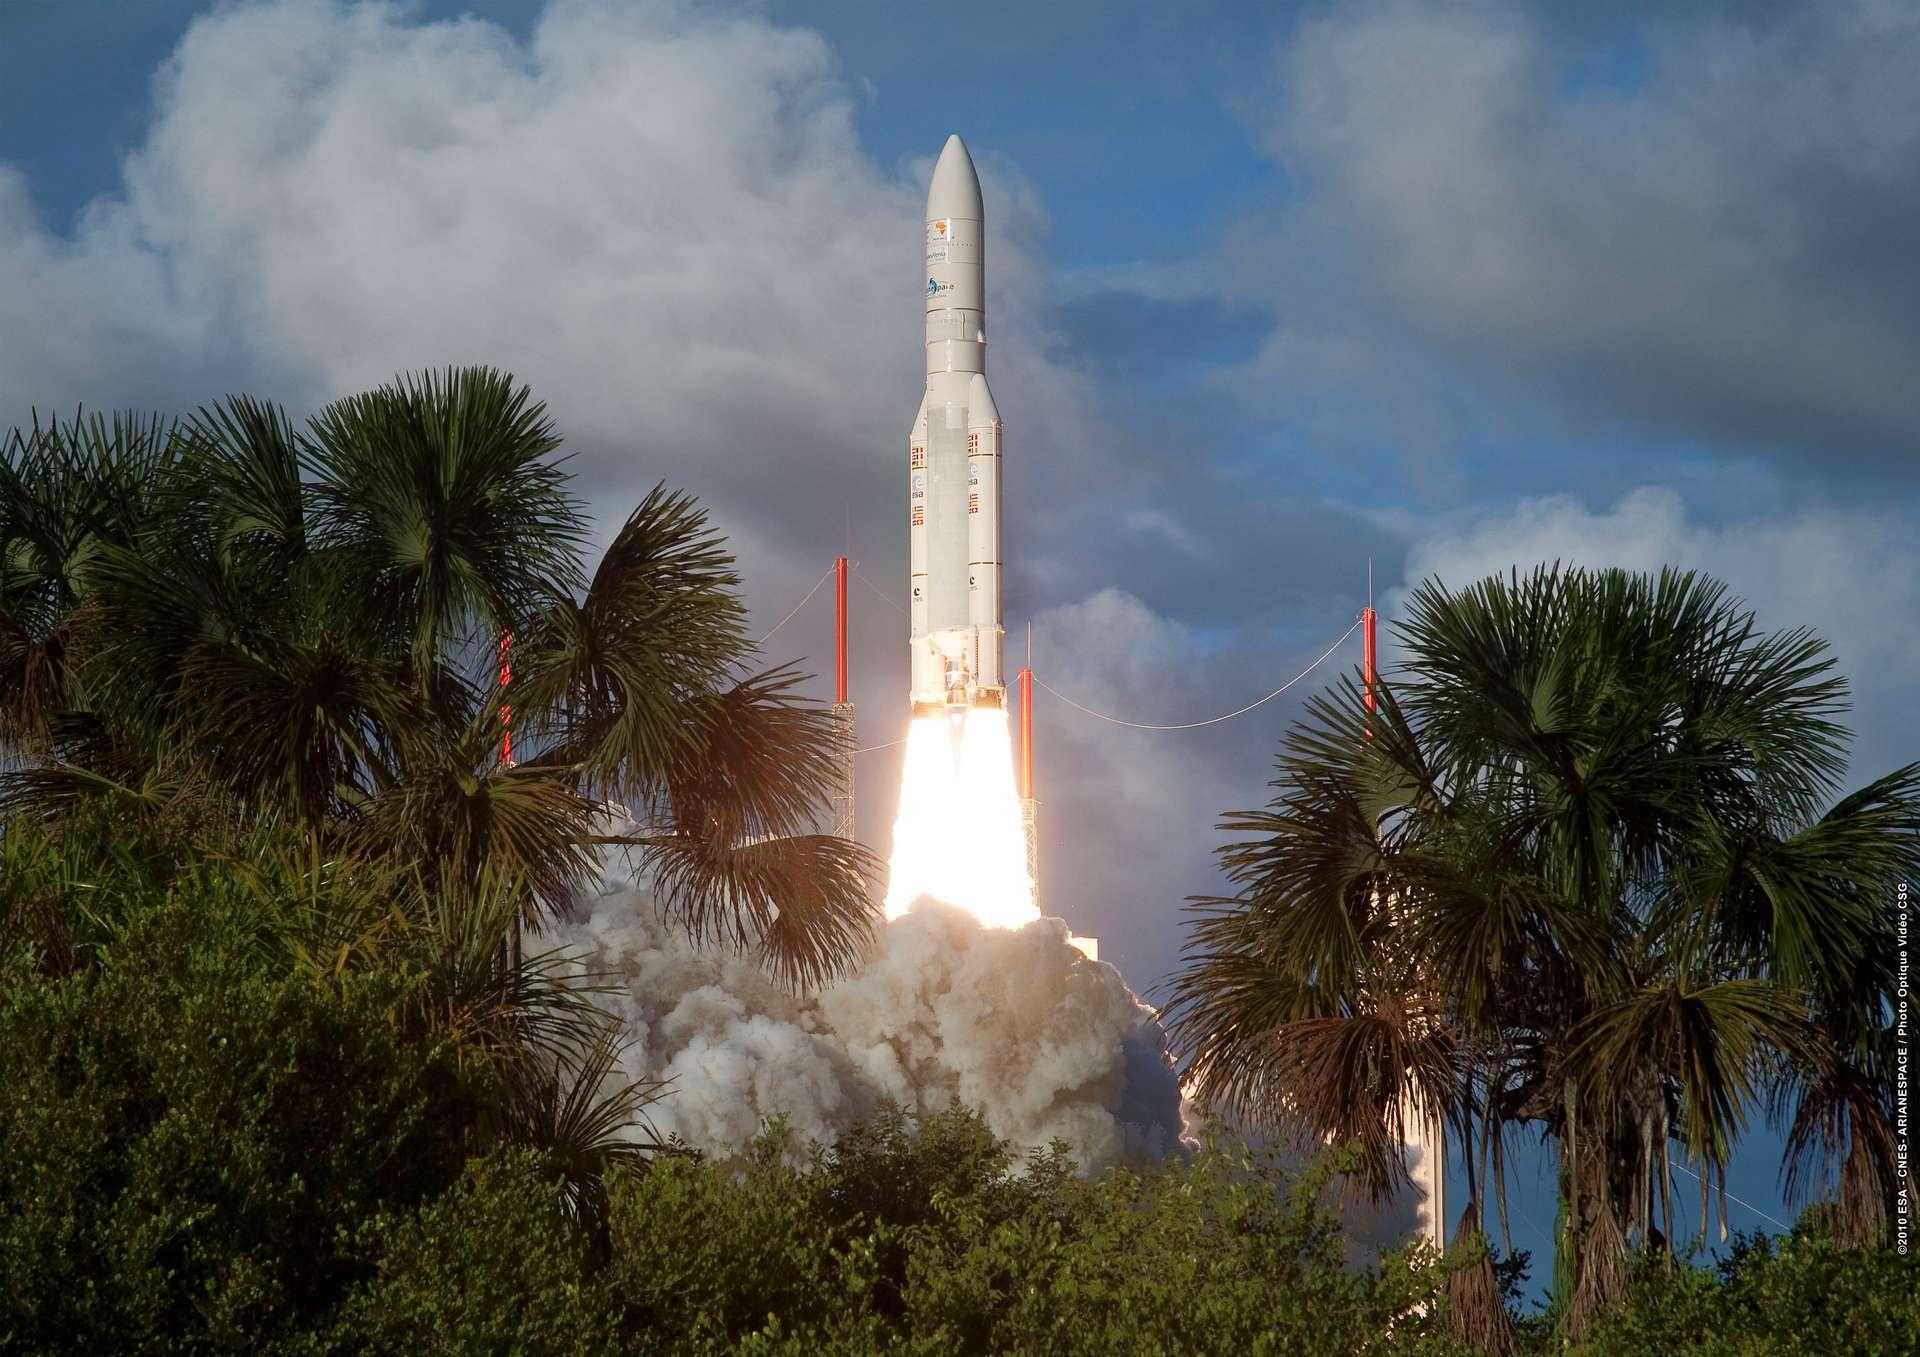 Une fusée Ariane 5 décolle de Kourou, au milieu de la jungle guyanaise, en 2010. © ESA/CNES/Arianespace/CSG